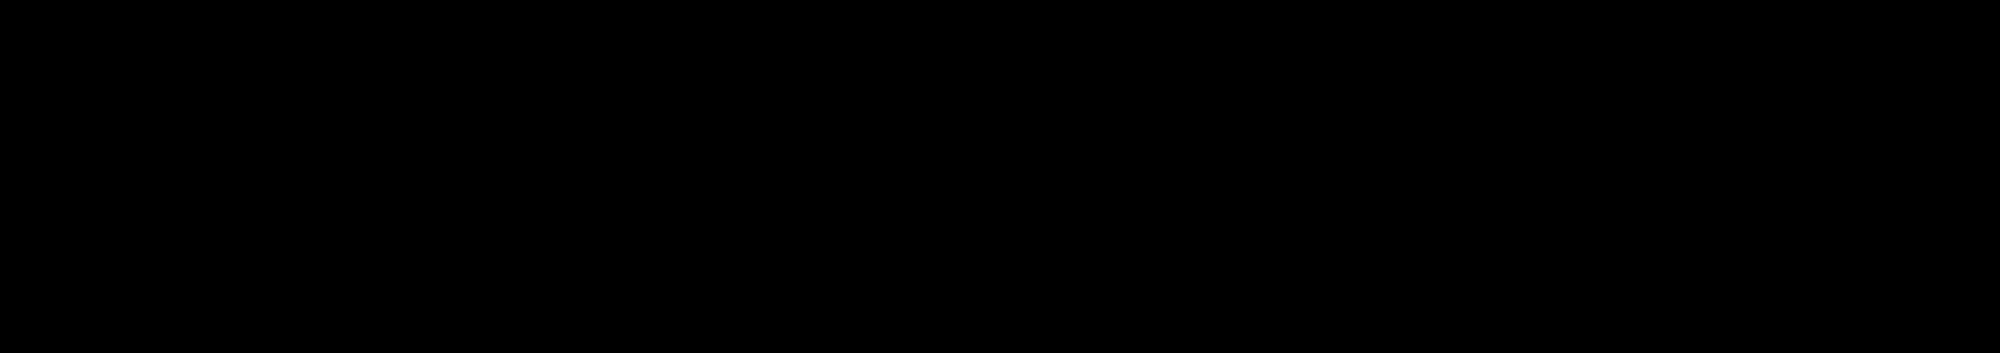 tinkof